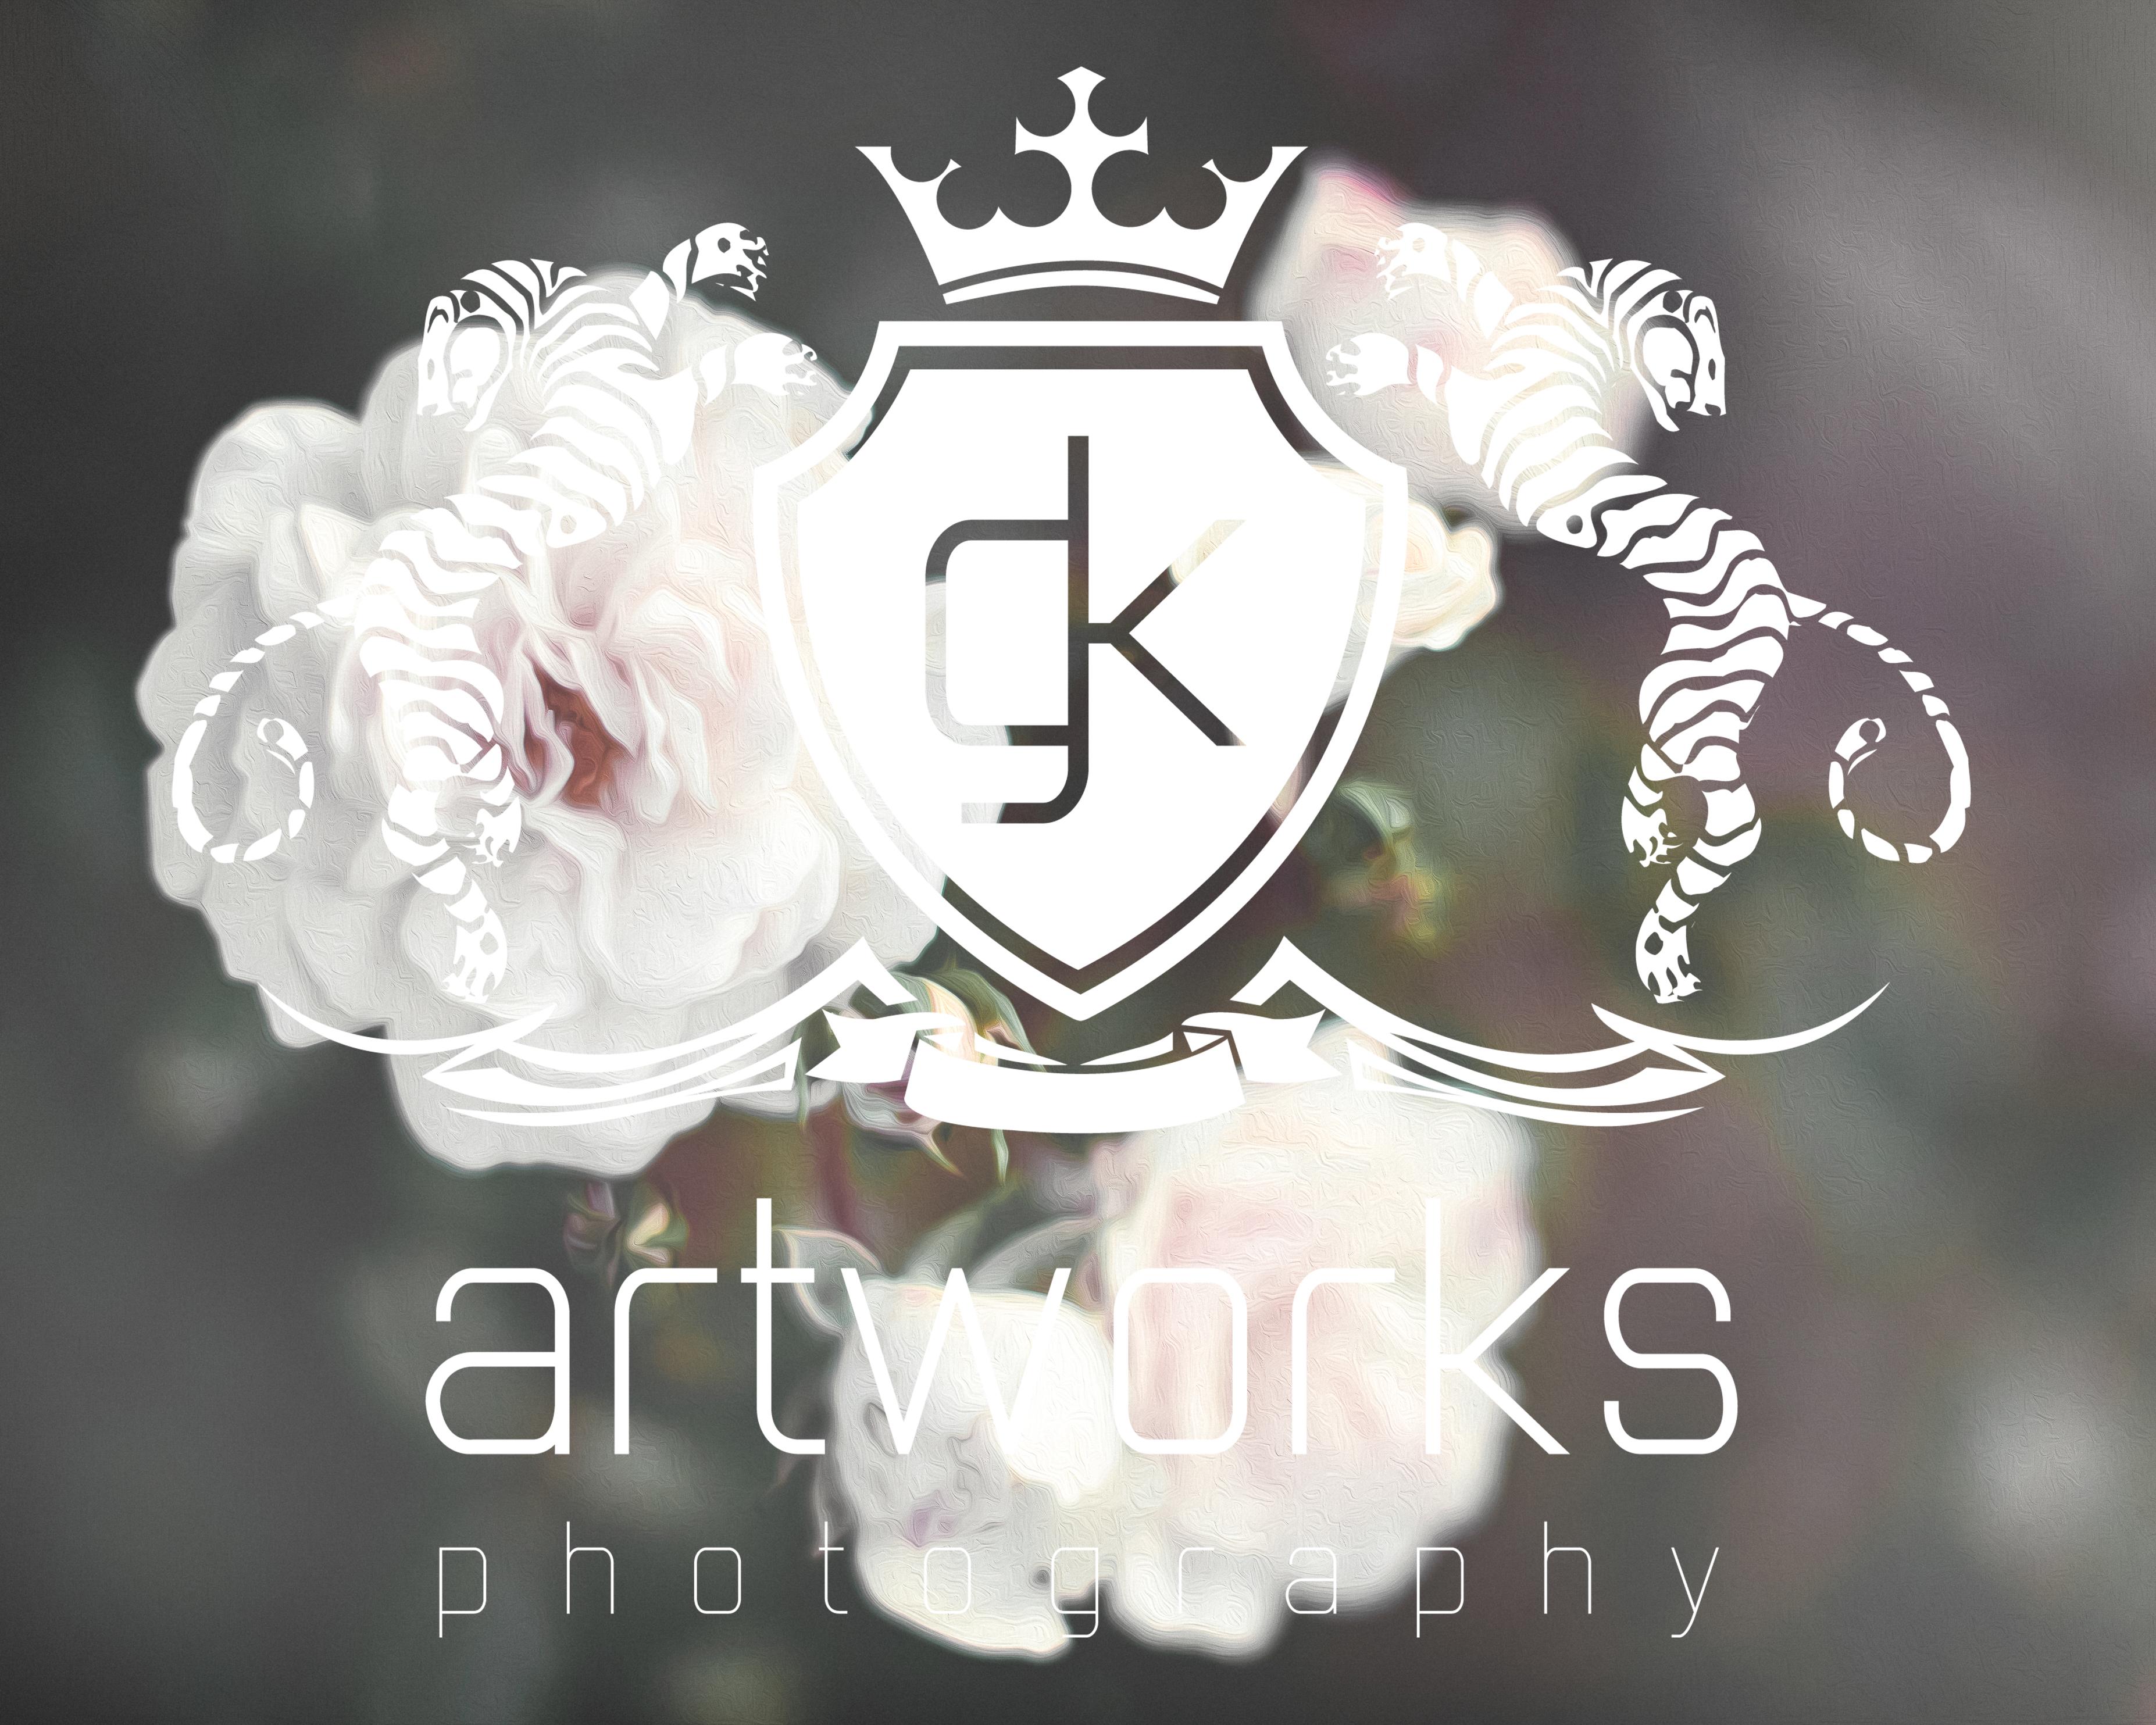 GK artworks